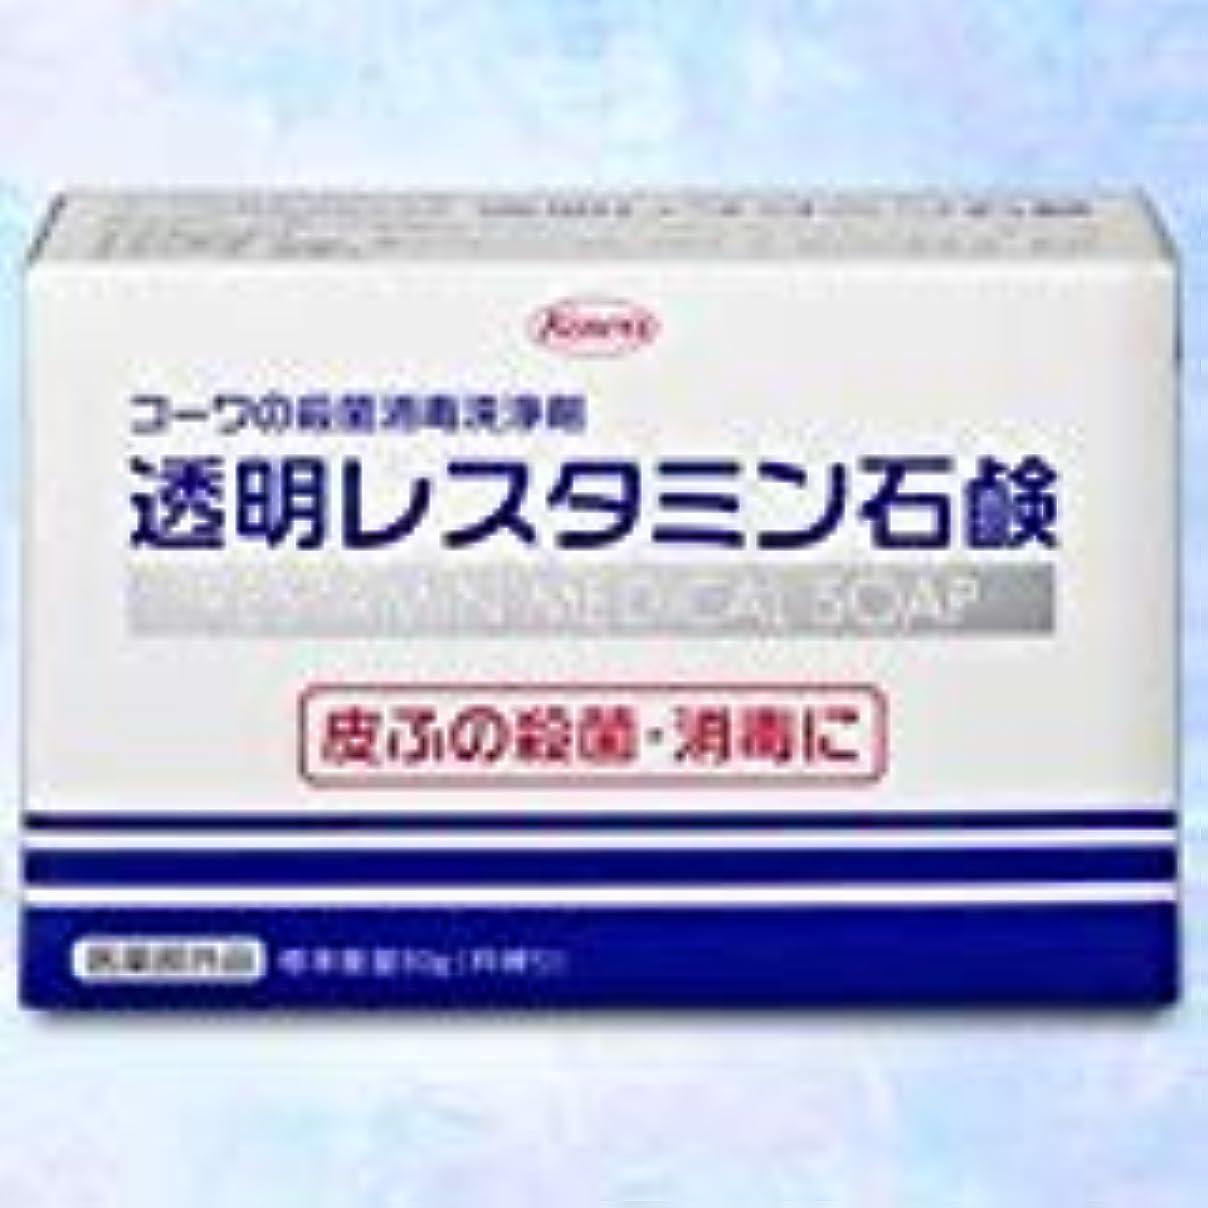 休戦電気技師スクレーパー【興和】コーワの殺菌消毒洗浄剤「透明レスタミン石鹸」80g(医薬部外品) ×5個セット